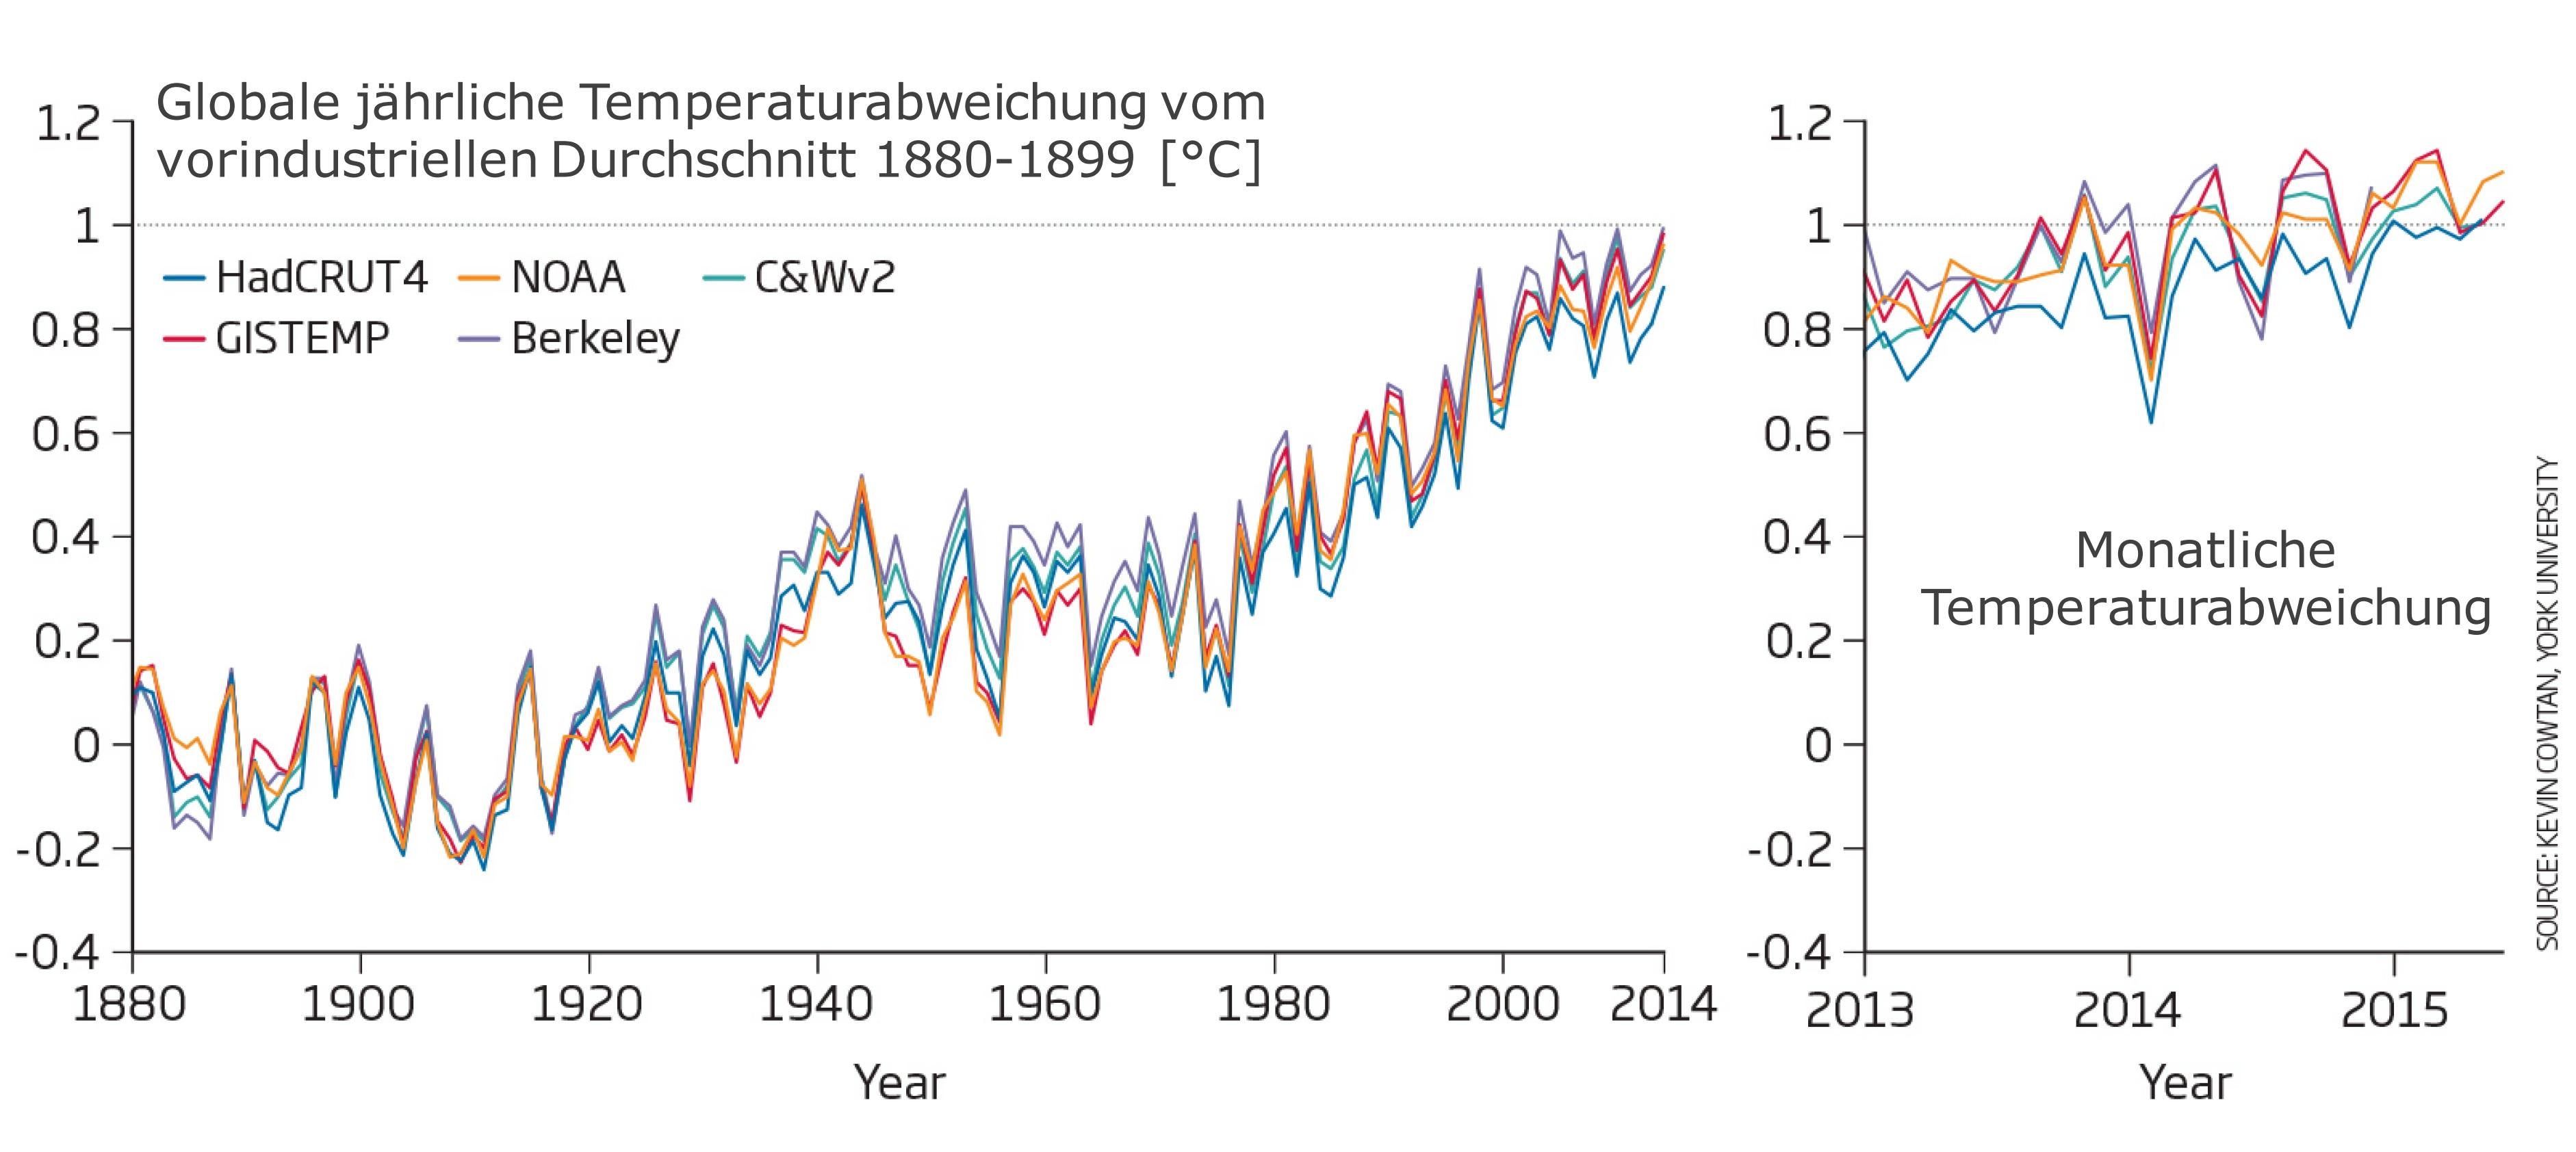 Vier der fünf wichtigsten globalen Temperaturreihen überschreiten in diesen Monaten eine Erwärmung von mehr als 1 Grad gegenüber dem vorindustriellen Niveau. Ziel wäre es die Erwärmung auf höchstens 2 Grad zu begrenzen.